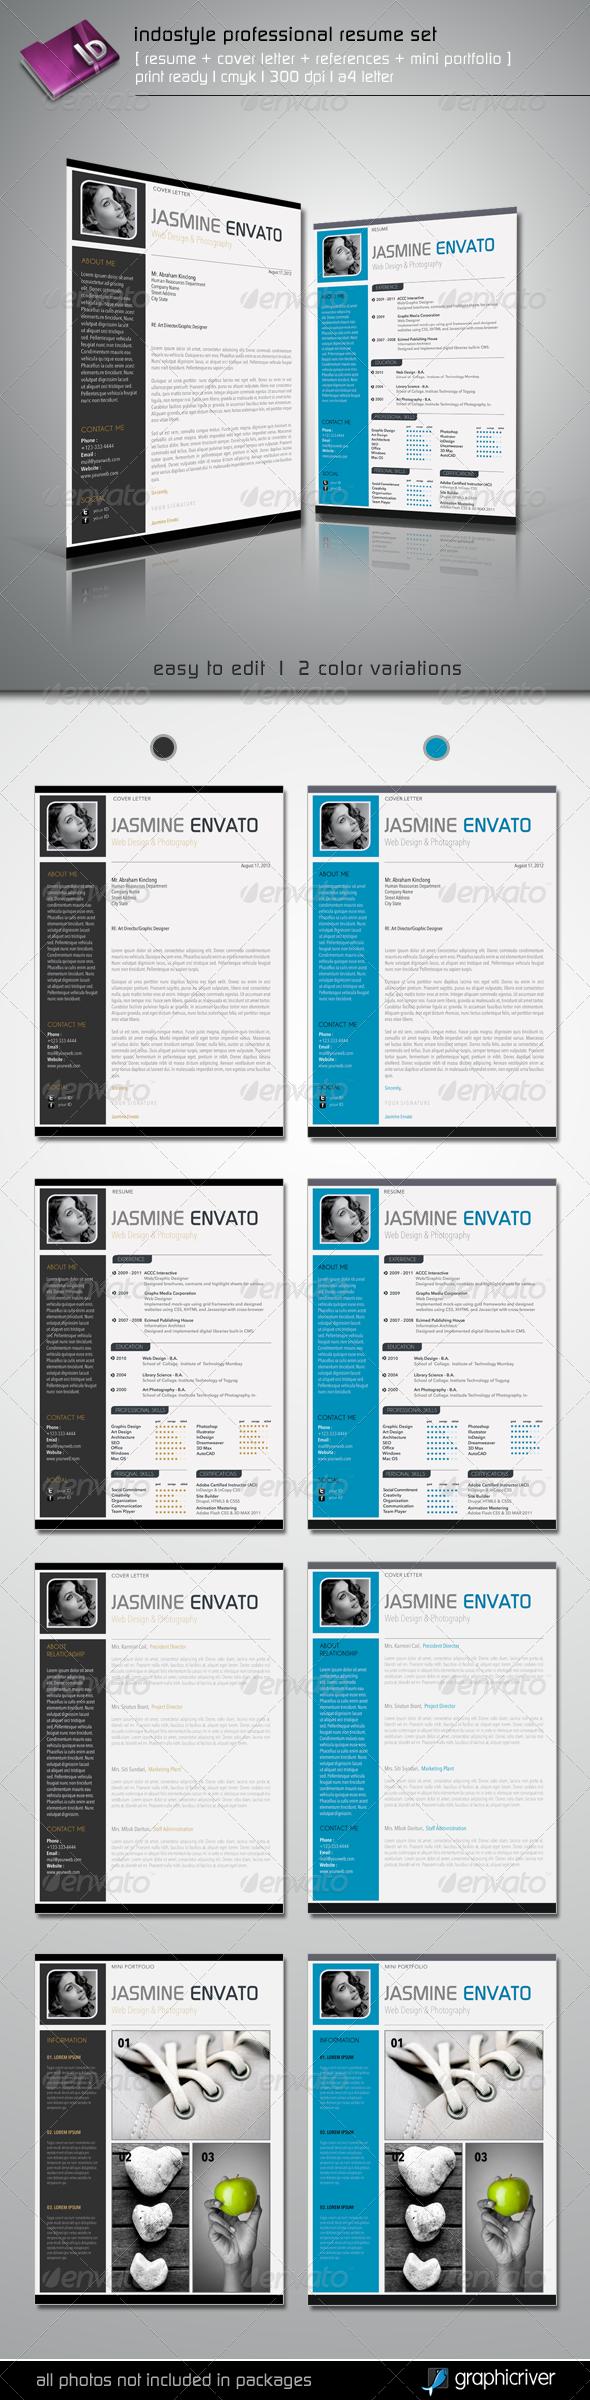 Indostyle Professional Resume Set | Professional resume, Design ...